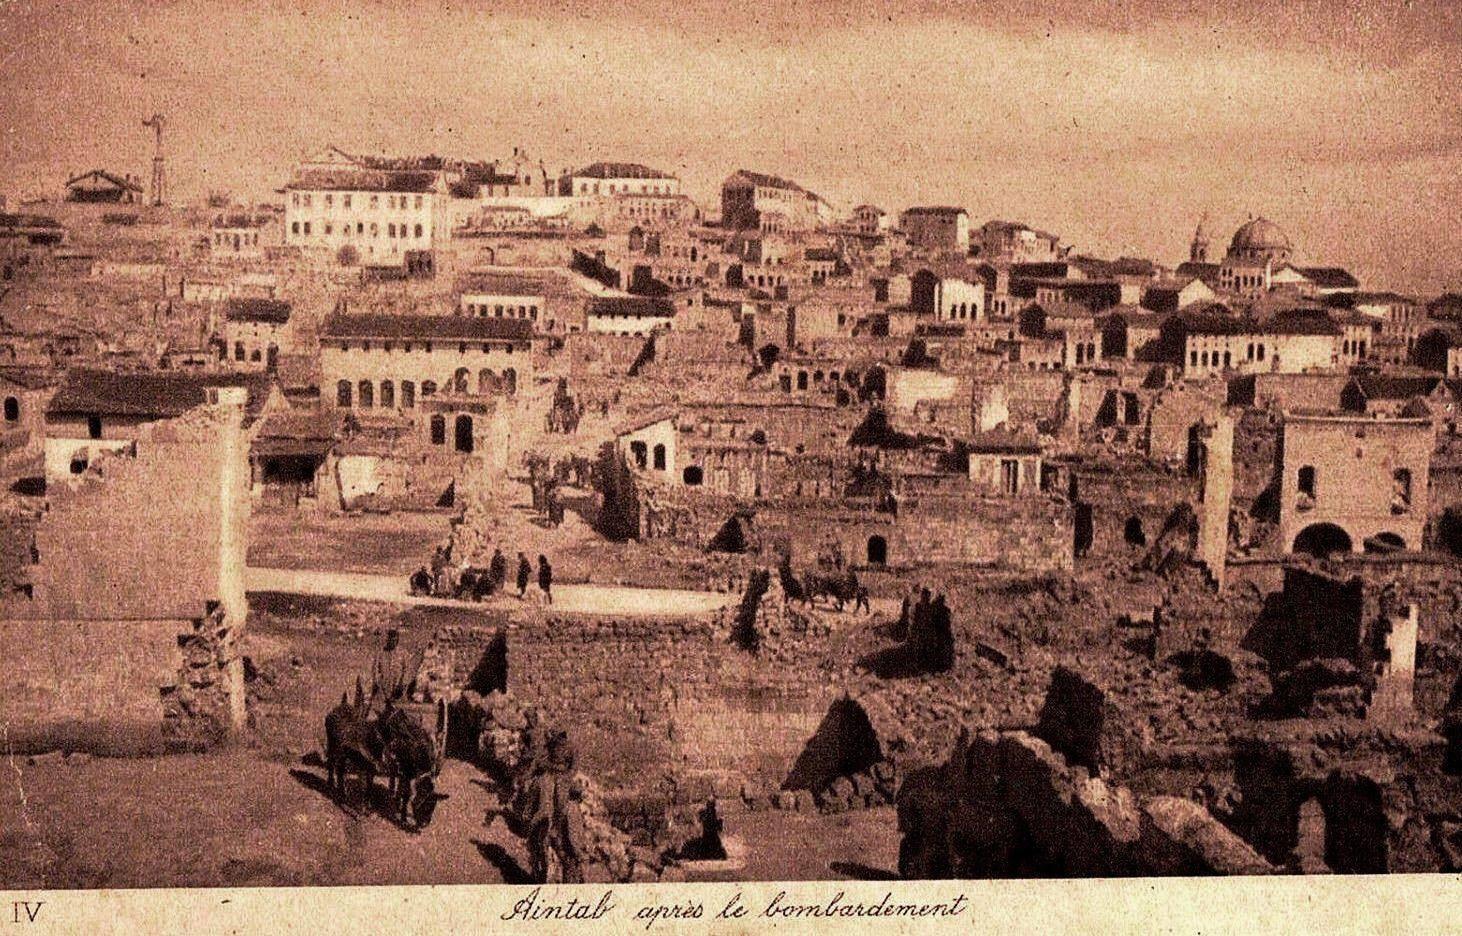 Fransızlarla birlikte Mondros'tan sonra peyderpey şehre dönen Ermeniler de şehri terk ettiler. Kuva-yı Milliye milisleri, bu grupların arkasına düştü.